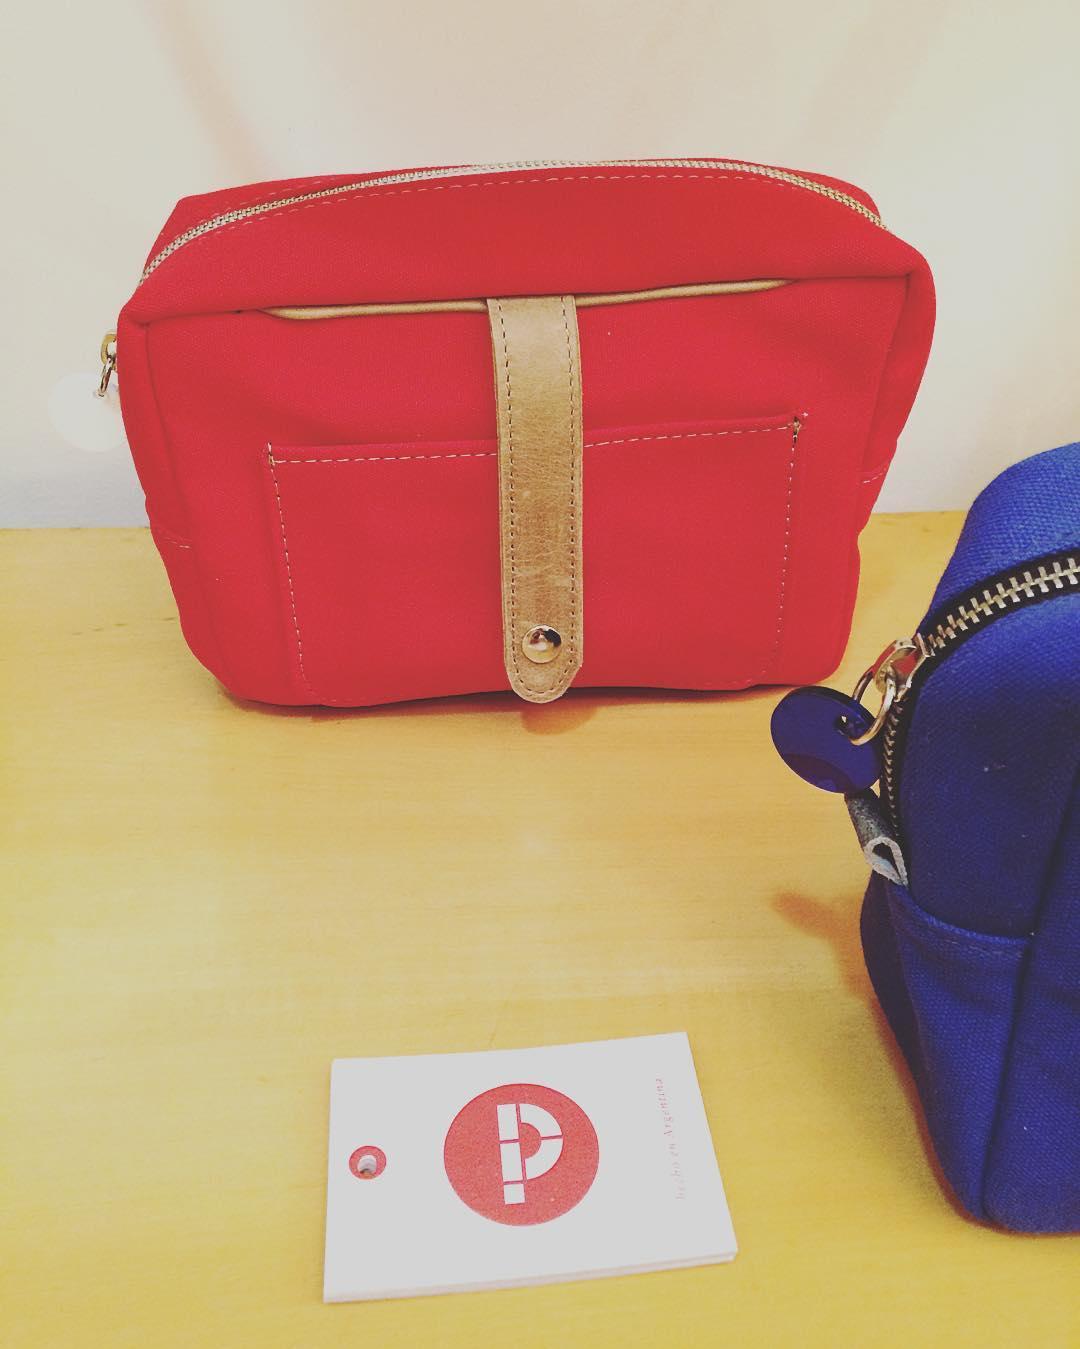 Bolso neceser! Porta todo! Podes encontrarlo en @uniontiendabelgrano  y en nuestro showroom en Caballito. Http:/tienda.pitimini.com.ar